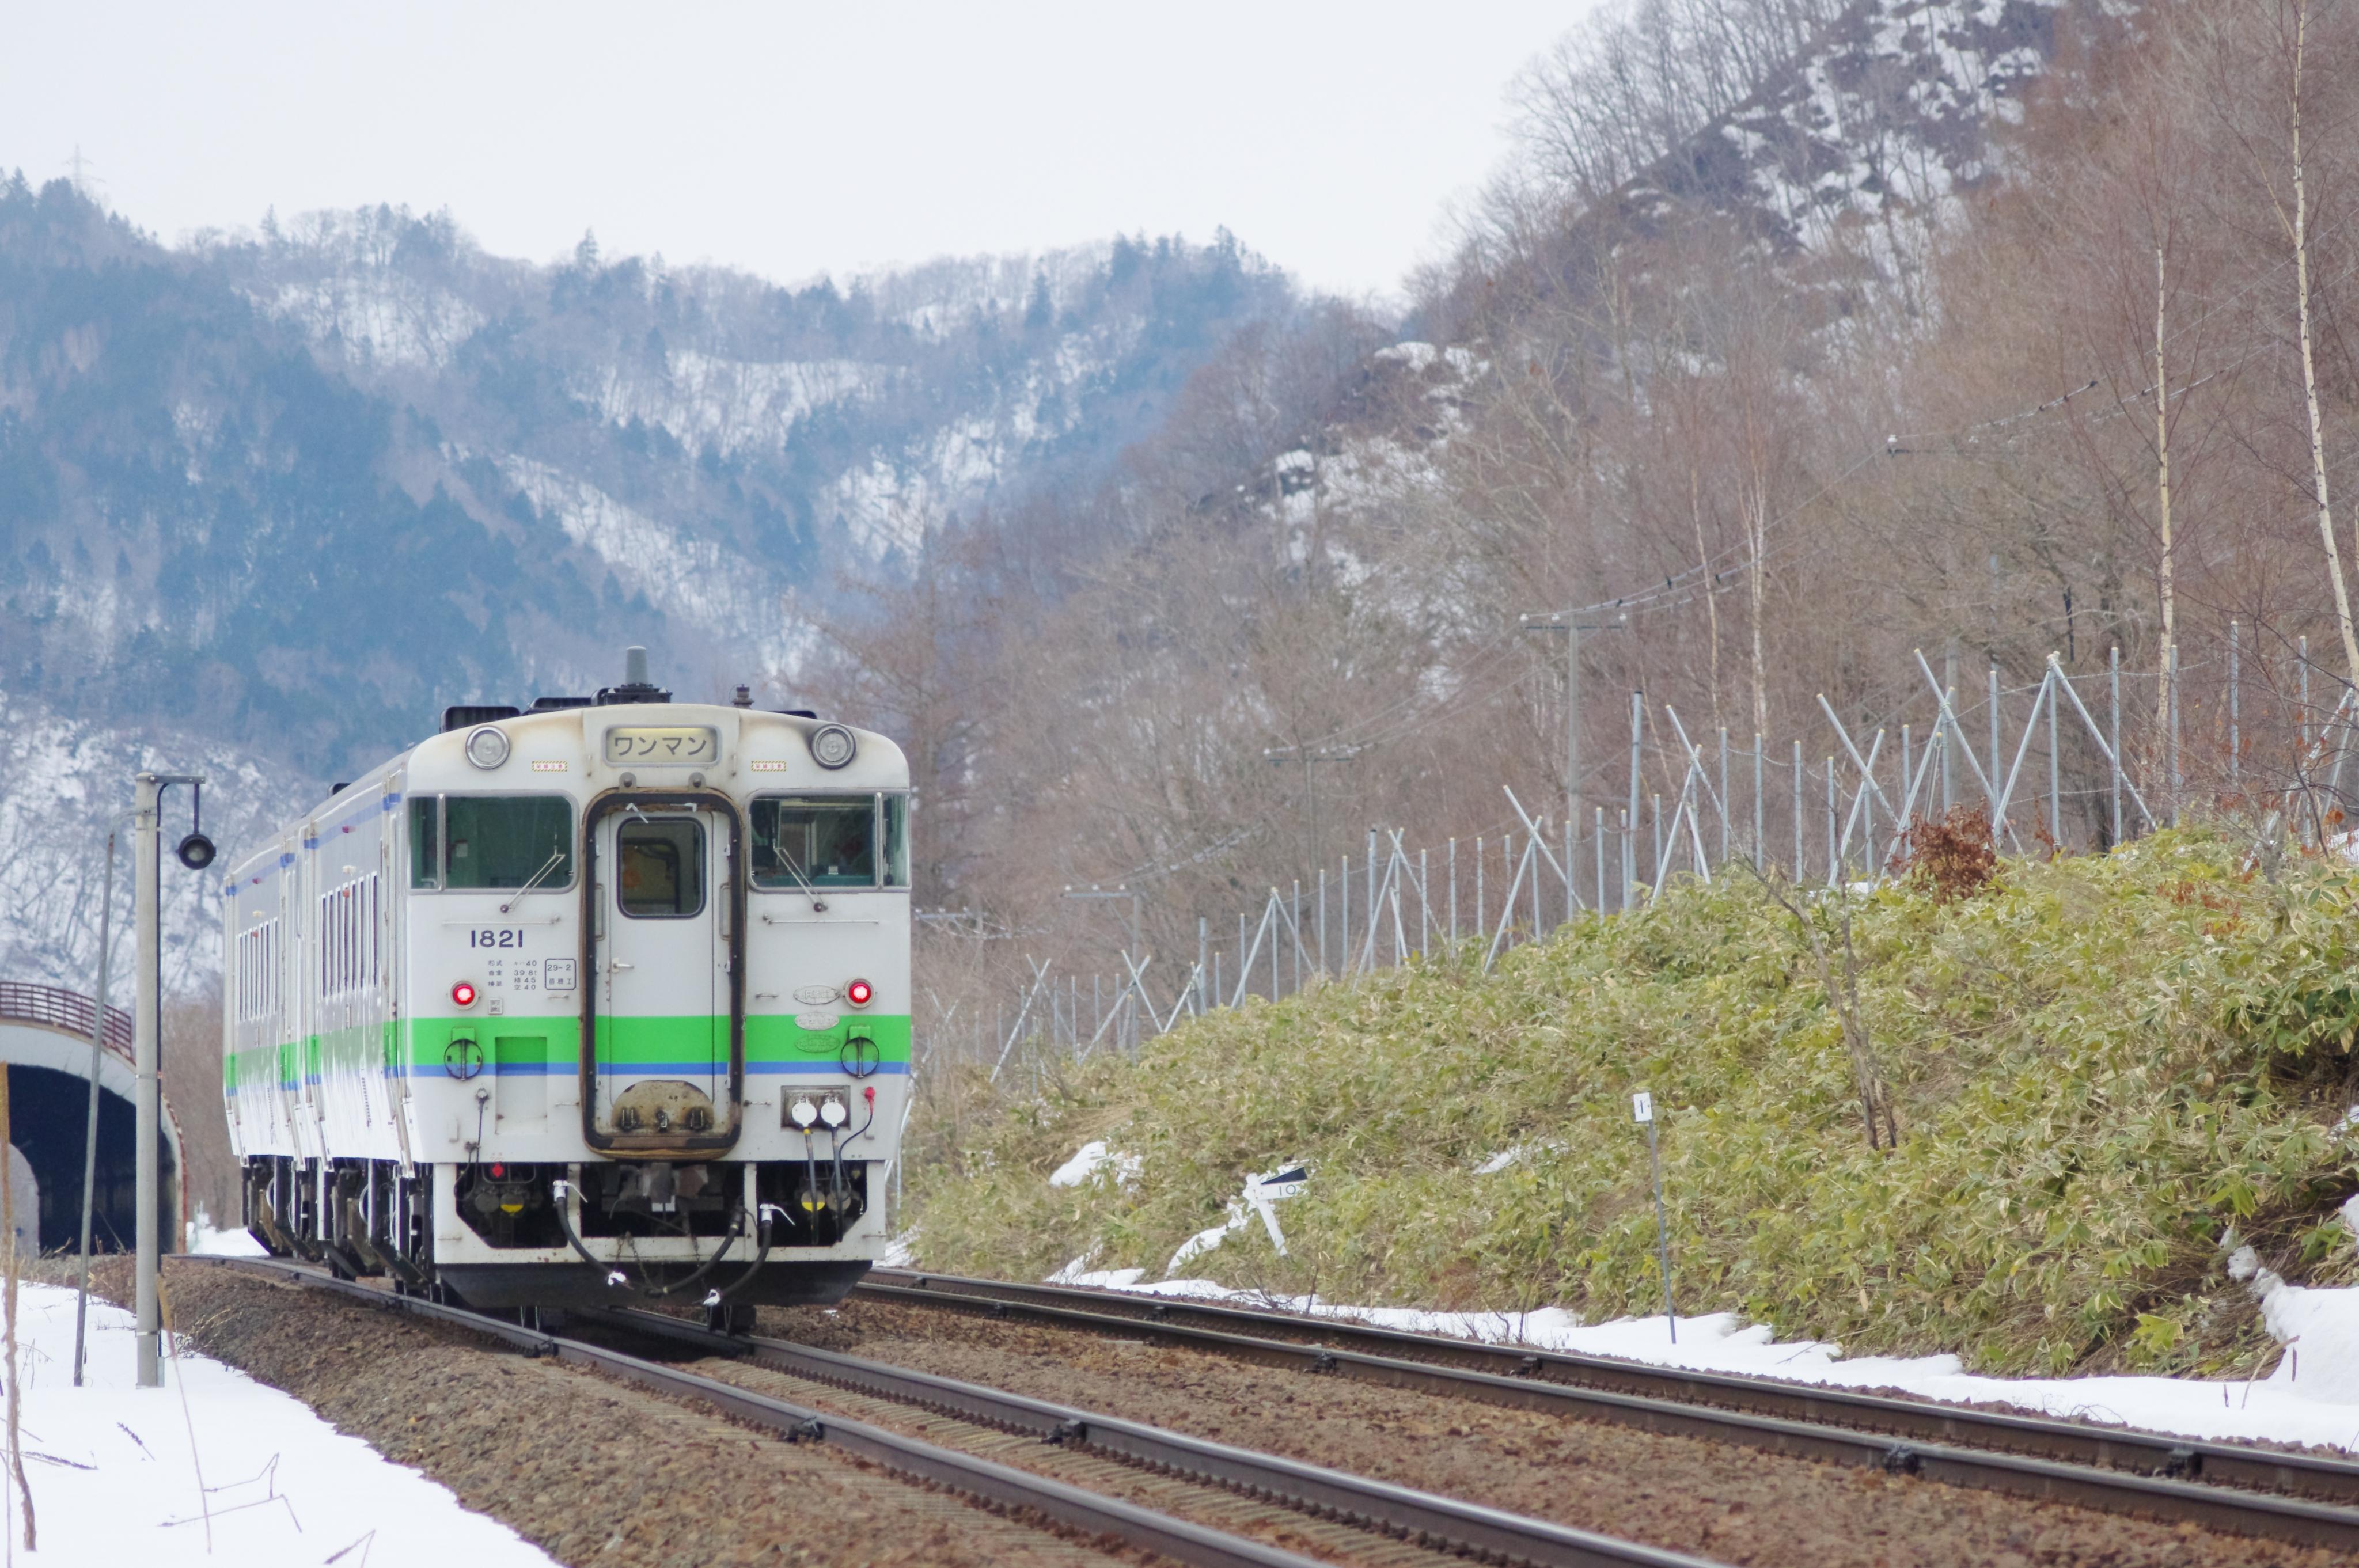 キハ40 9263D 送り込み回送 +2622D 列車交換 十三里信号場_190331 (1).jpg